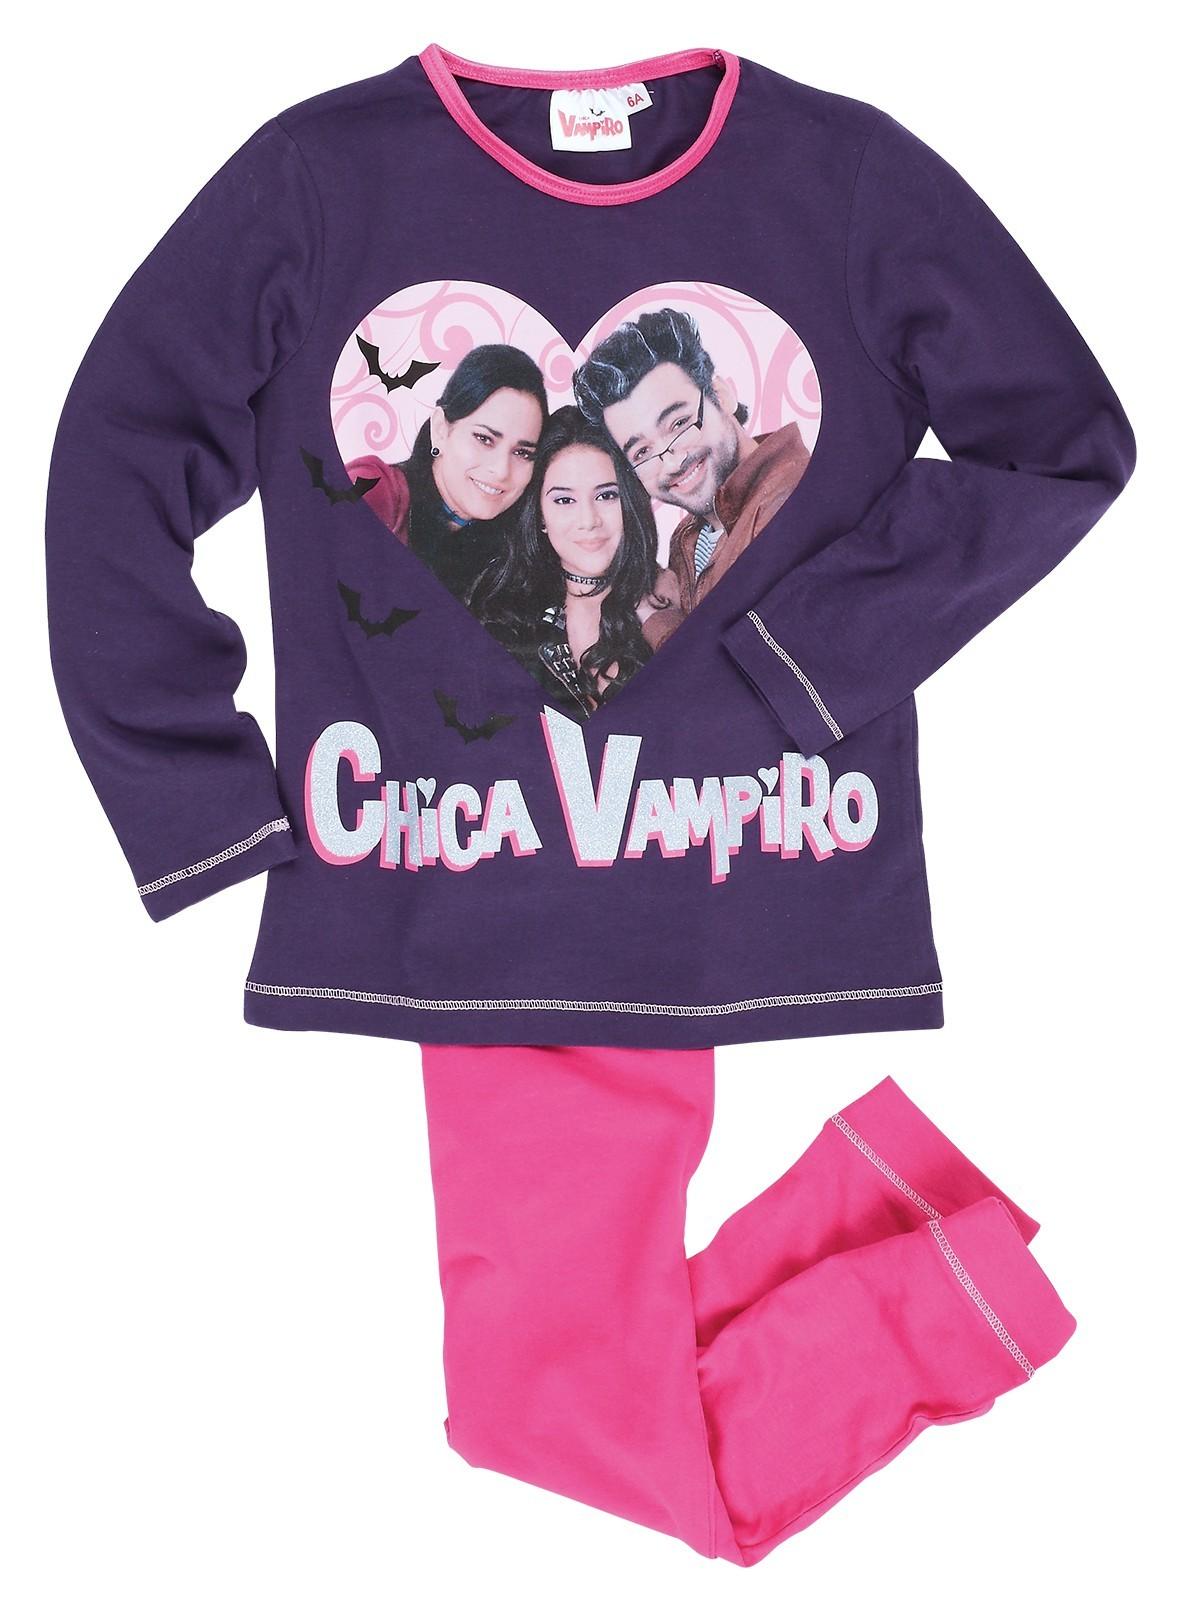 4ba3e0c3af792 Ensemble Chica Vampiro fille (6-12A) - DistriCenter